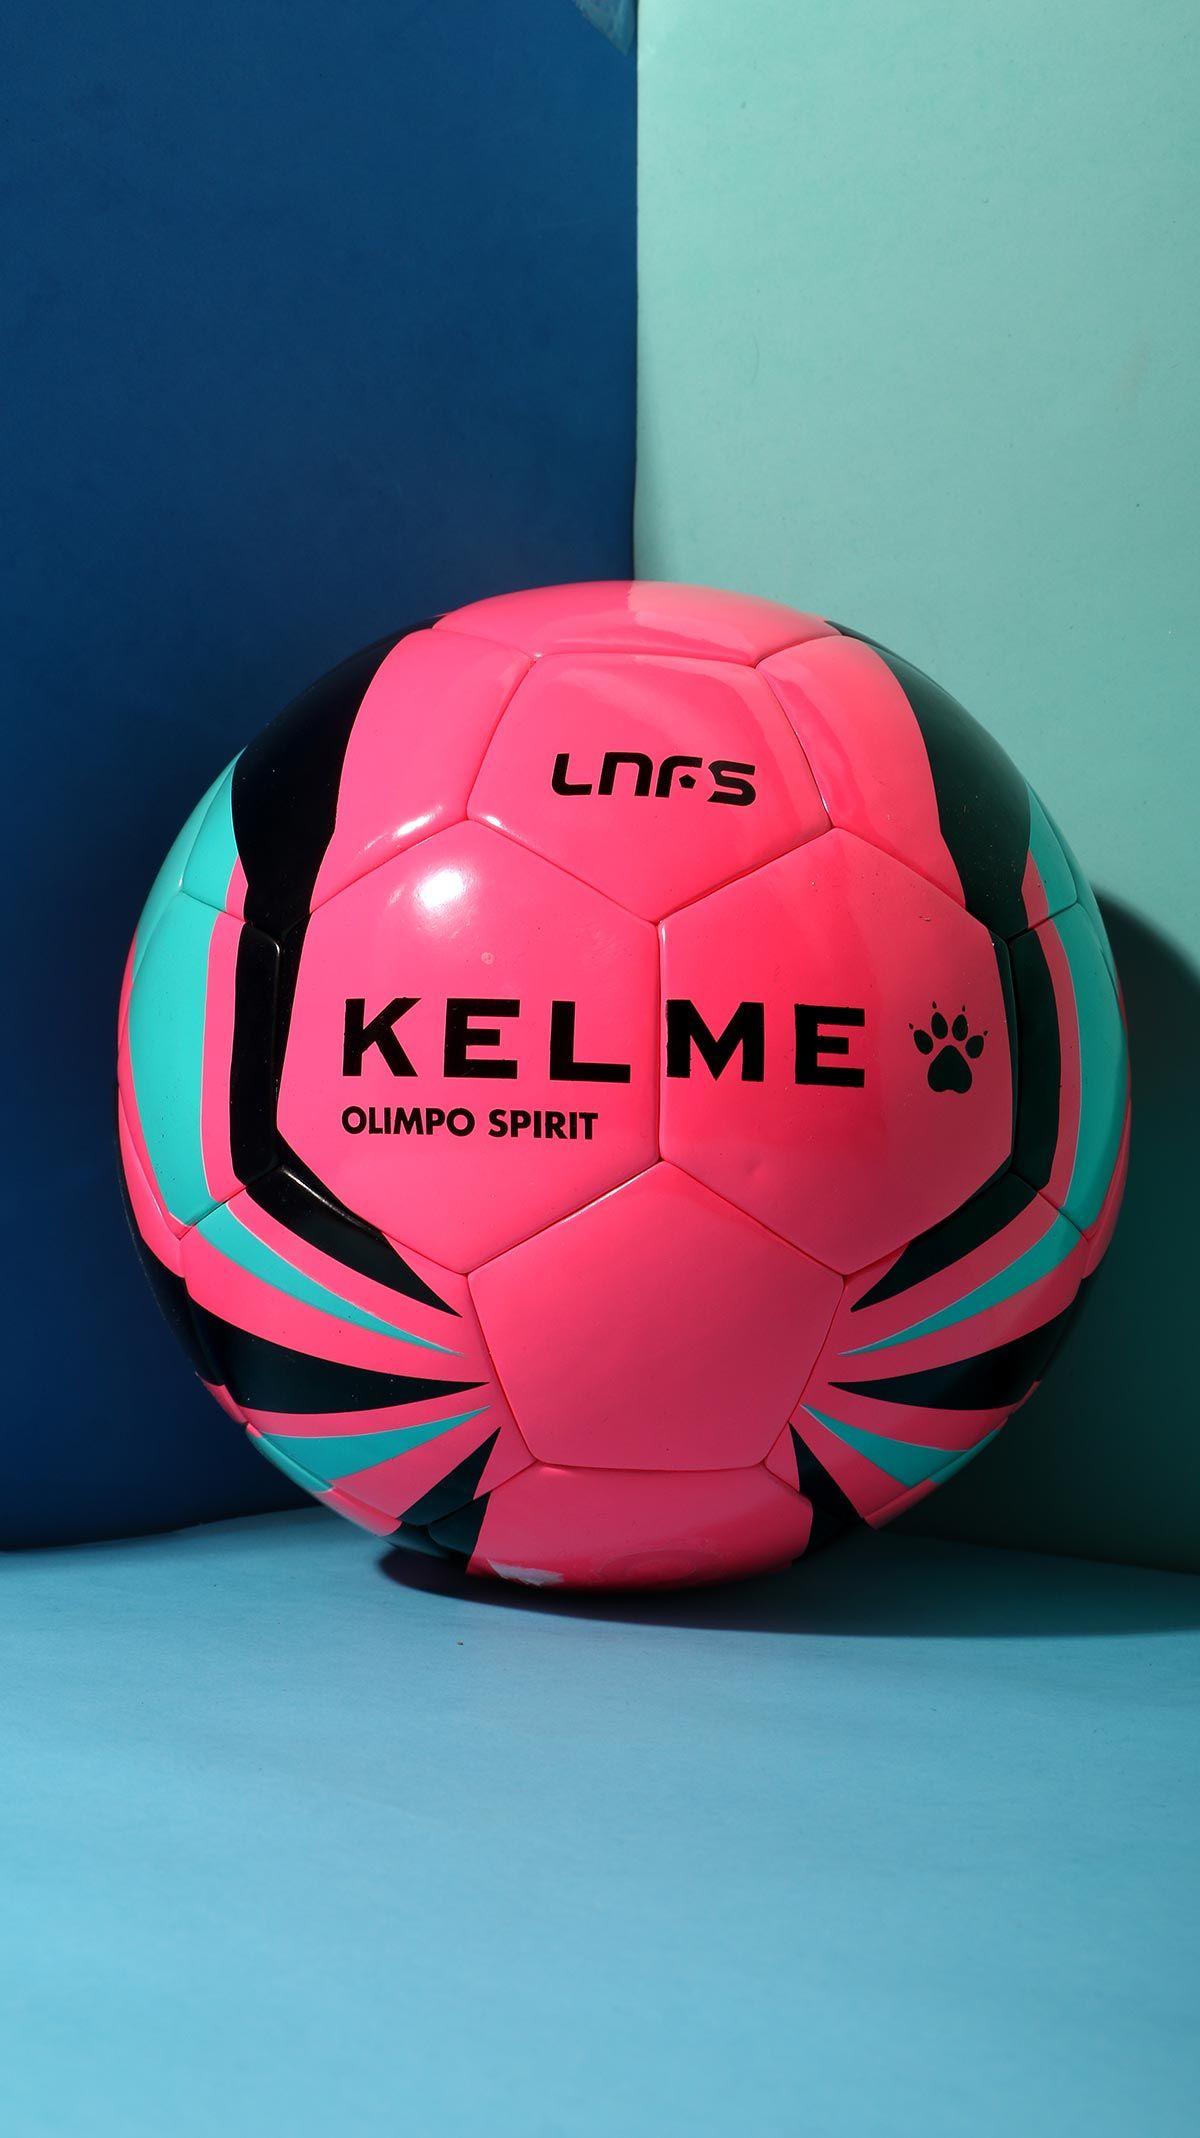 Balón Kelme Olimpo Spirit oficial de la Liga Nacional de Fútbol Sala de  color rosa 8f0a026dfdc9a